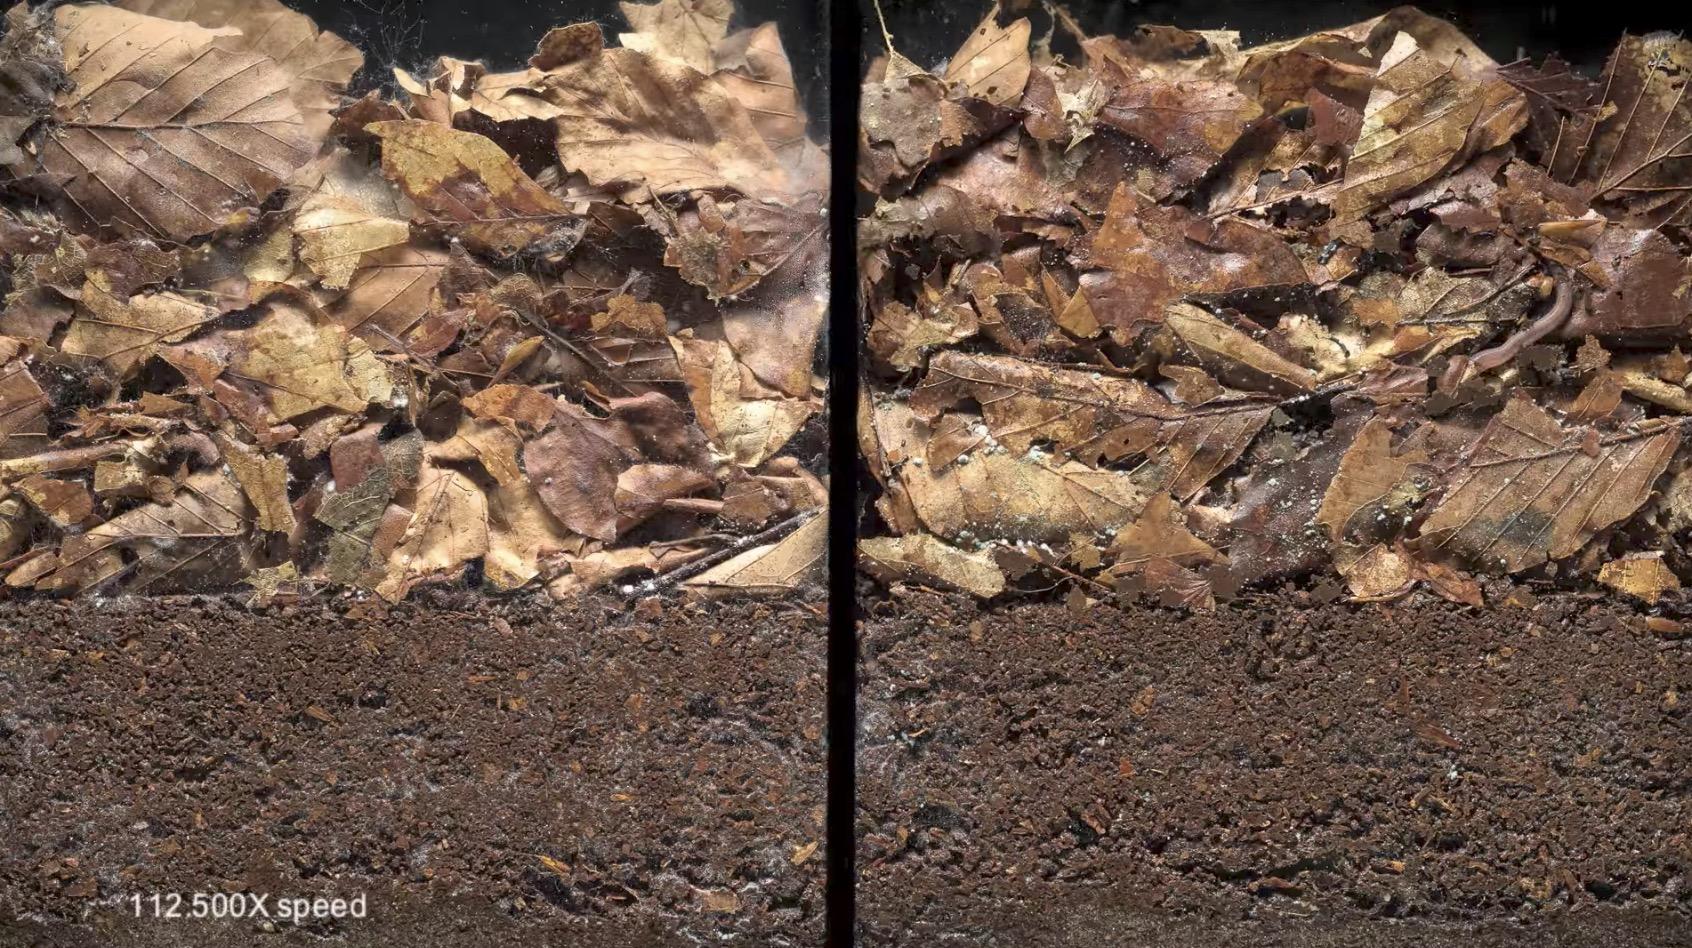 土壌にミミズなどがいる場合といない場合の堆積物の分解を比較した映像